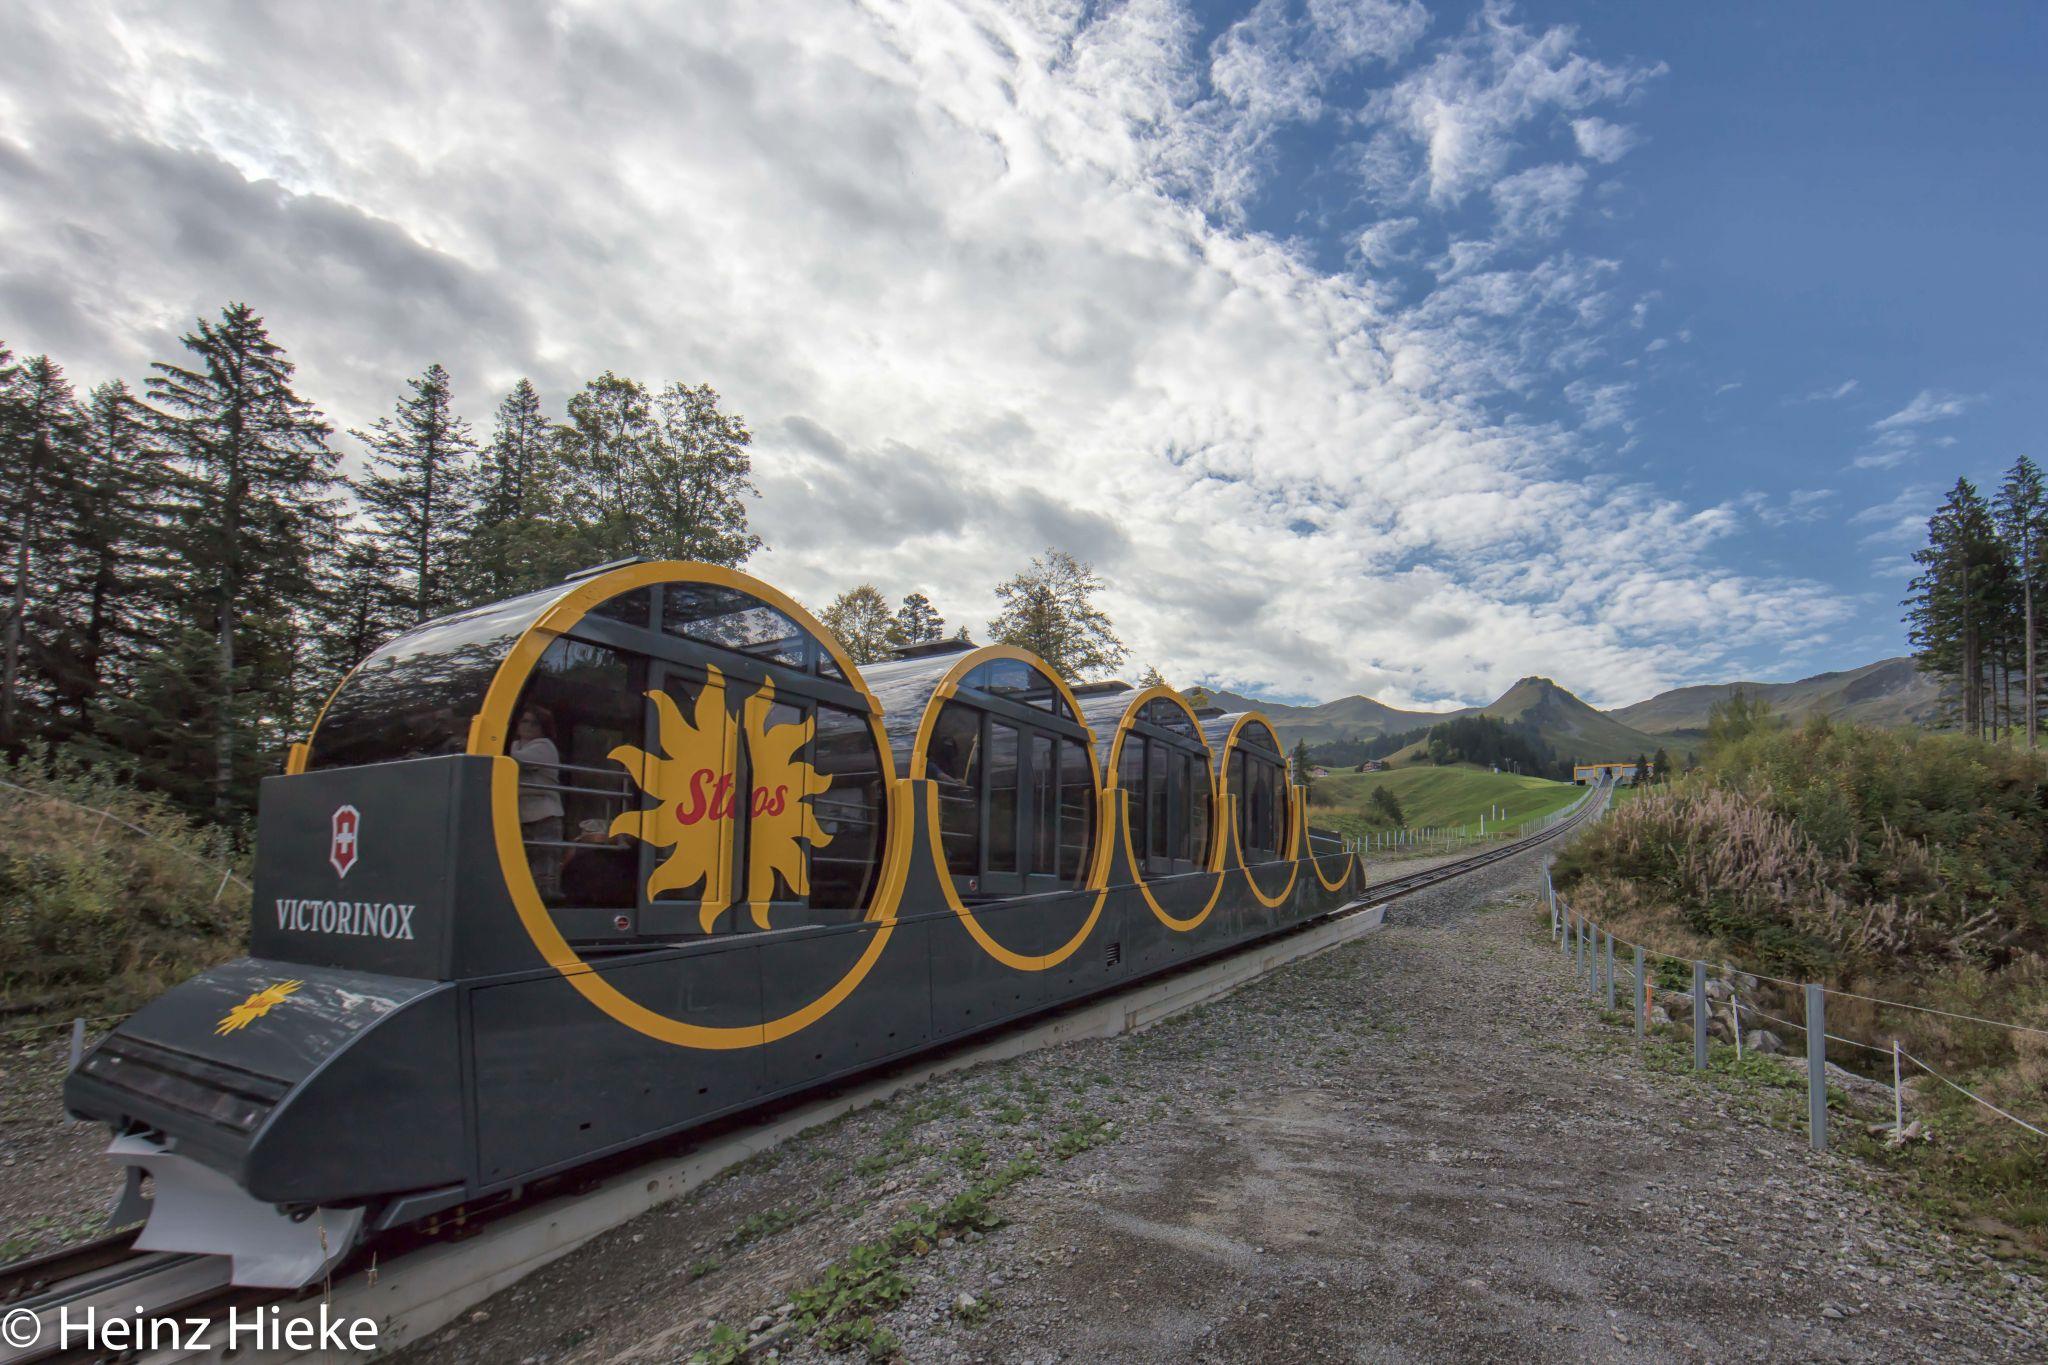 Stoosbahn, Switzerland